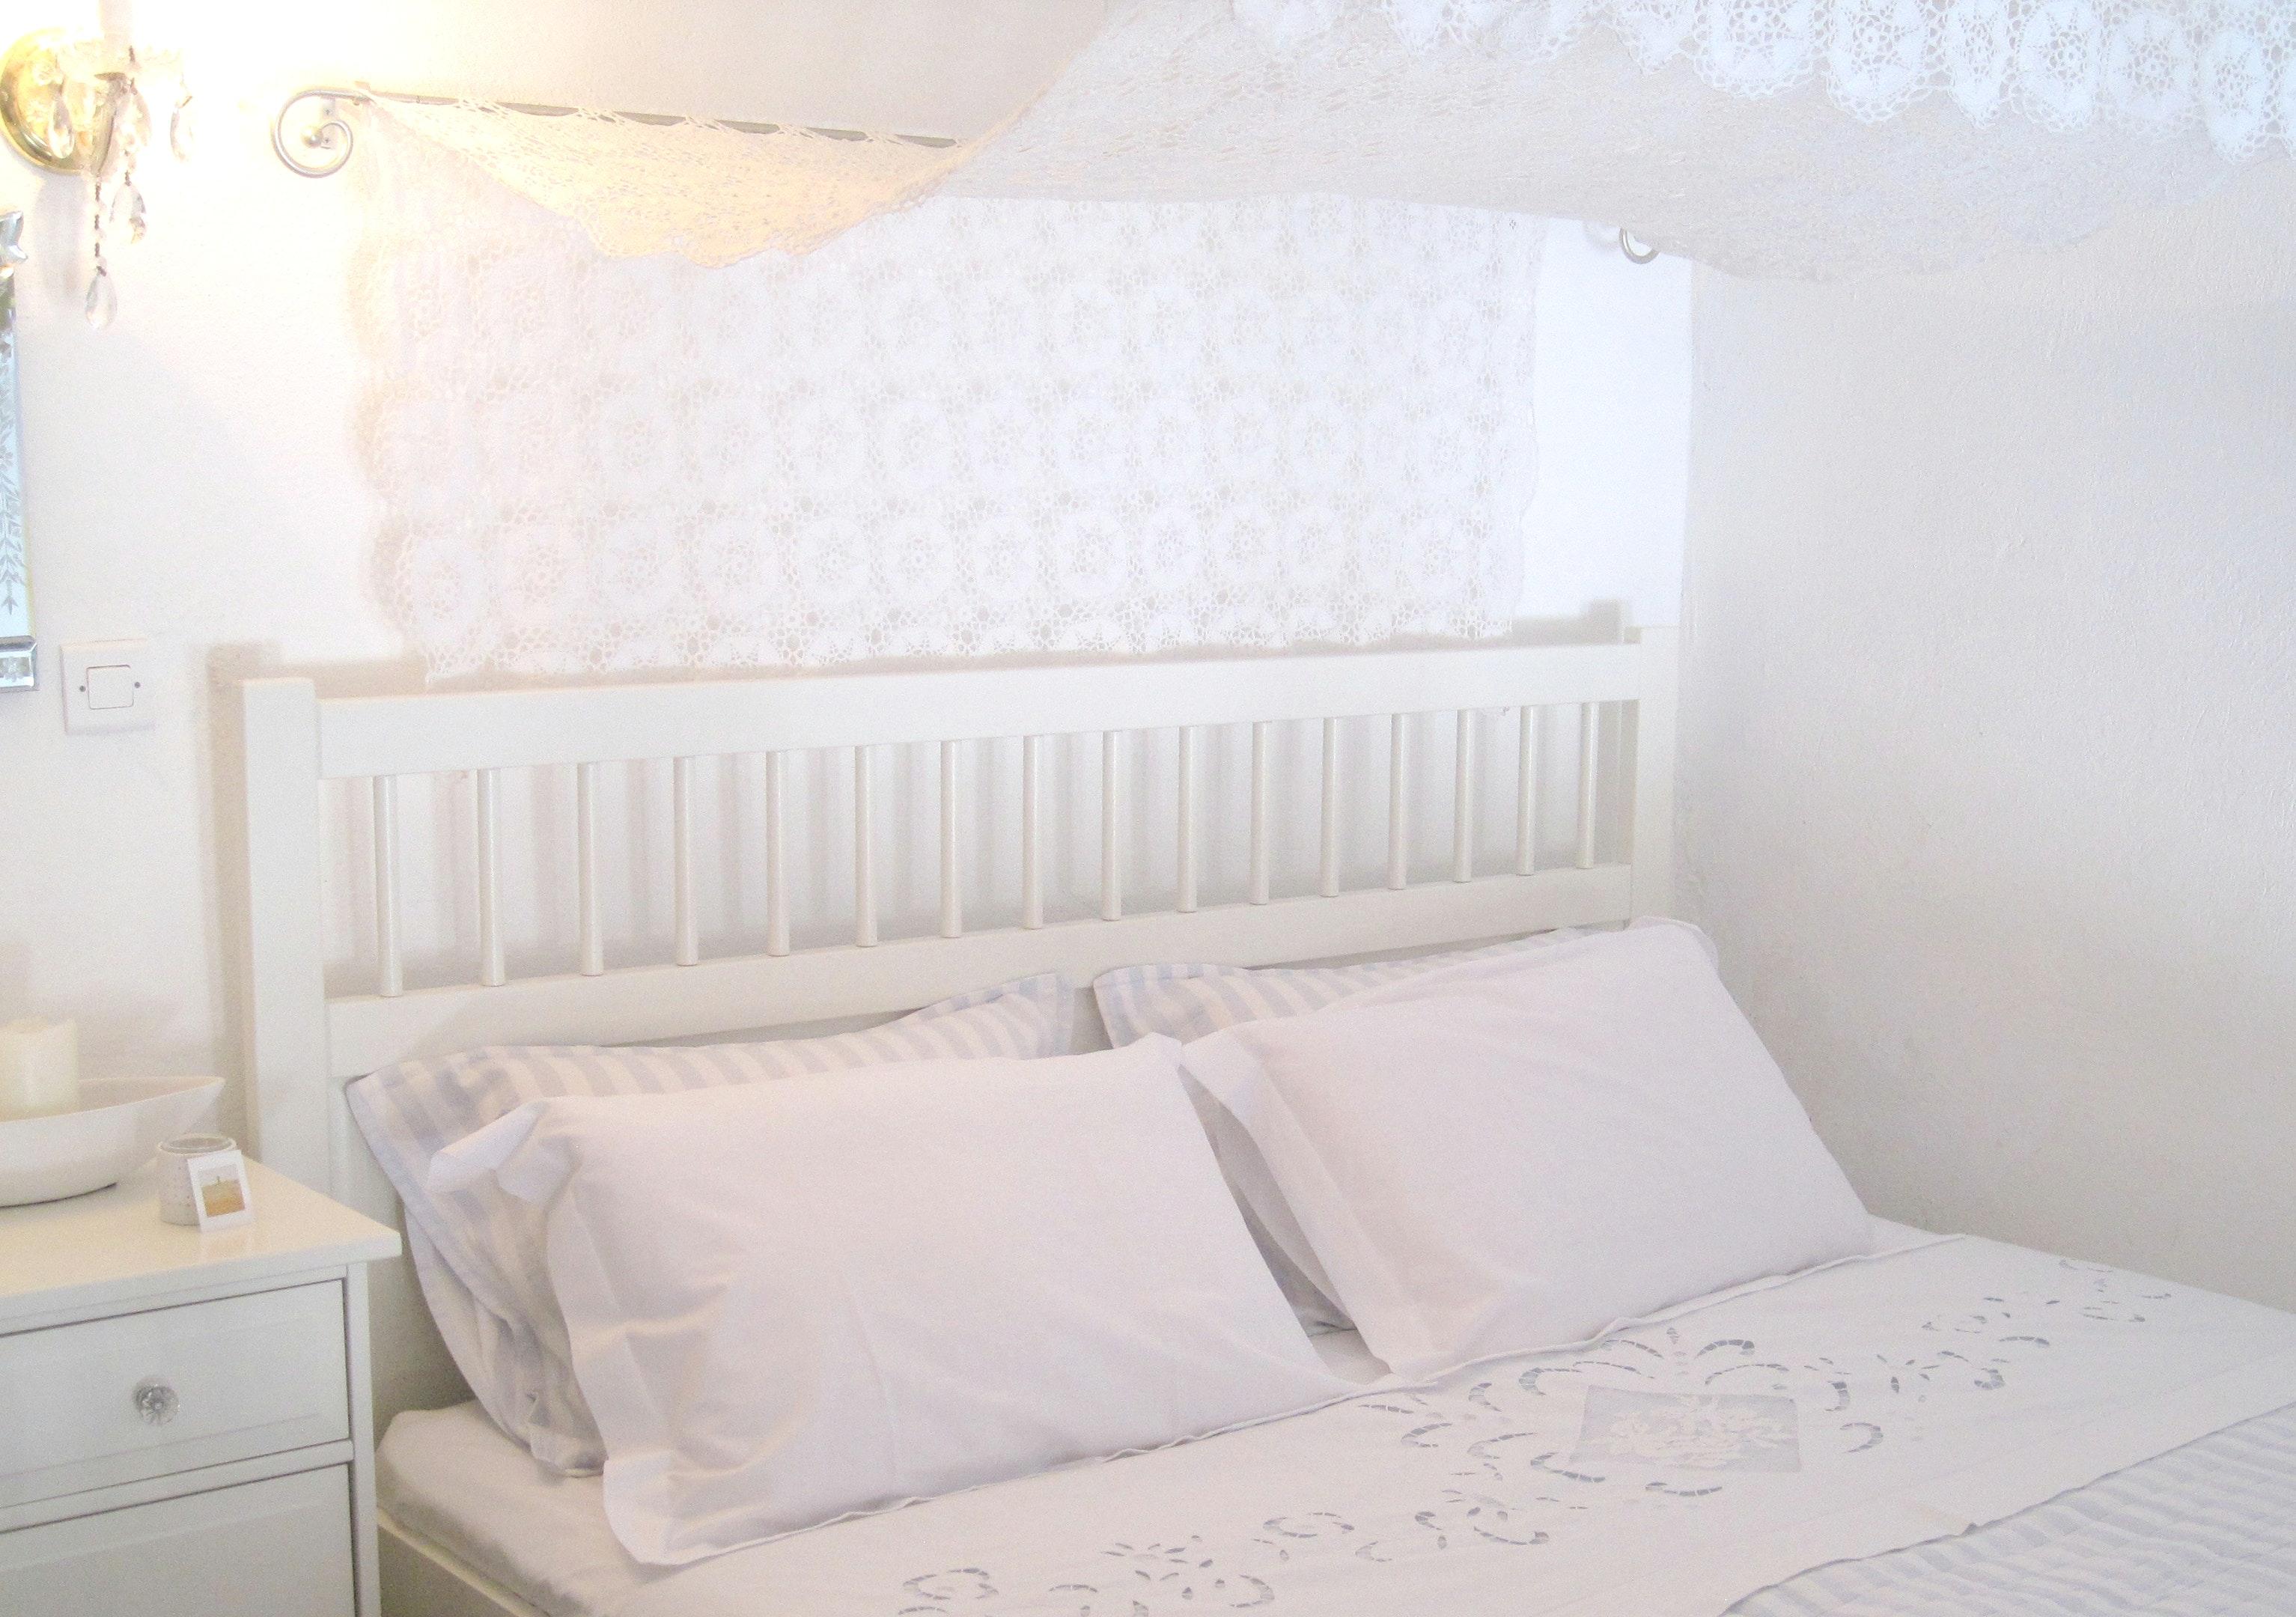 Ferienhaus Haus mit einem Schlafzimmer in Skyros mit toller Aussicht auf die Berge, möblierter Terras (2201799), Skyros, Skyros, Euböa, Griechenland, Bild 16